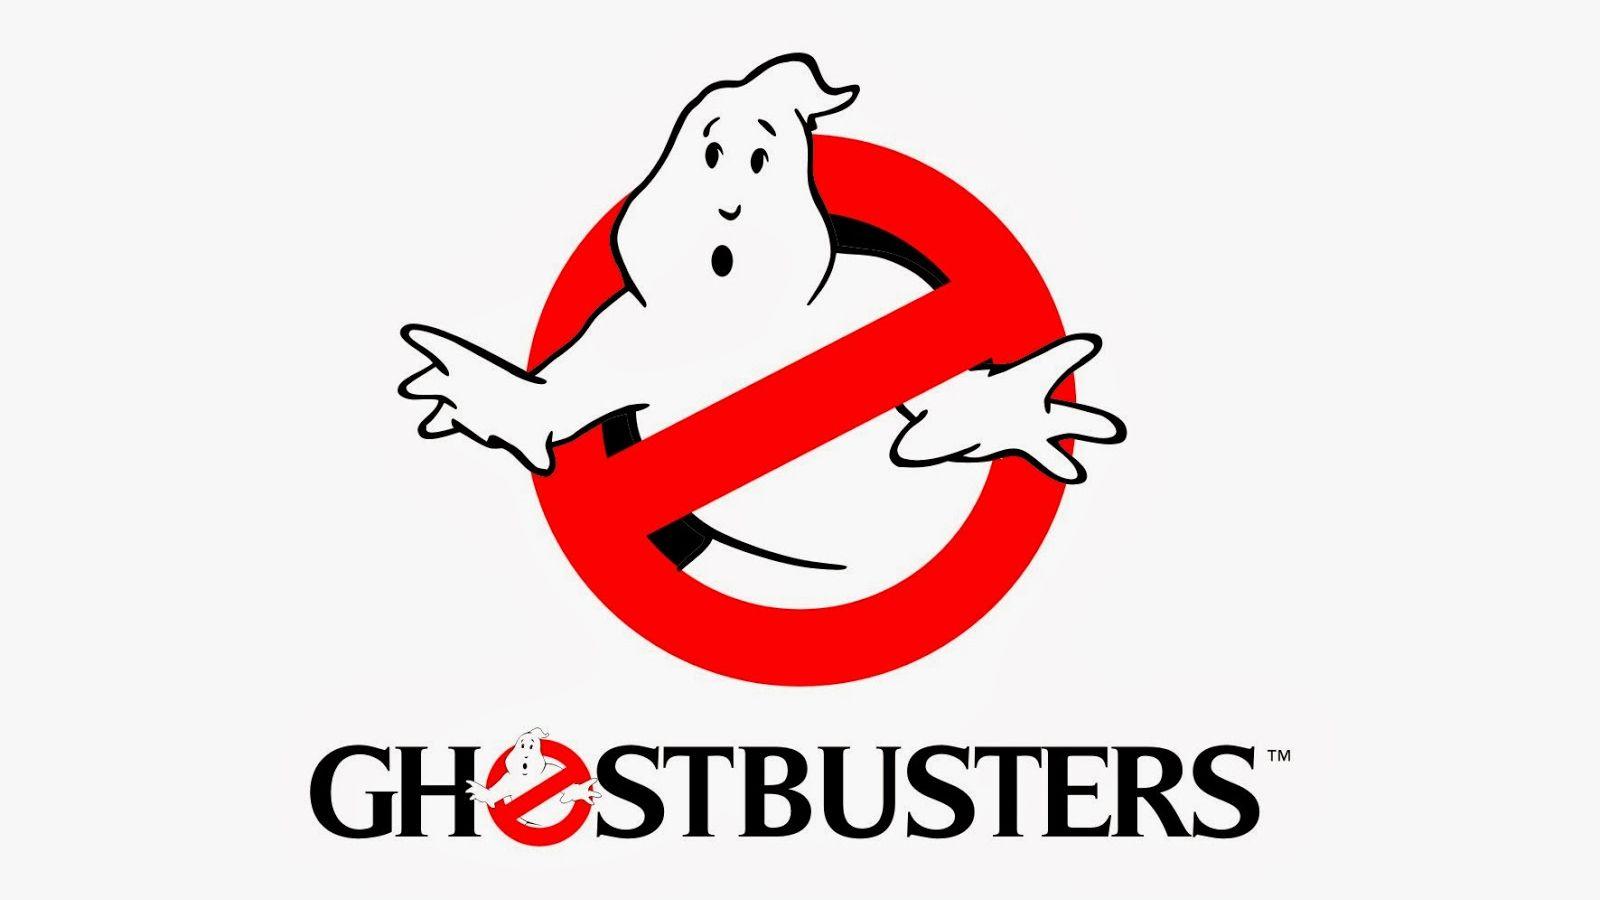 Ghostbusters telecharger gratuit de PC et Torrent